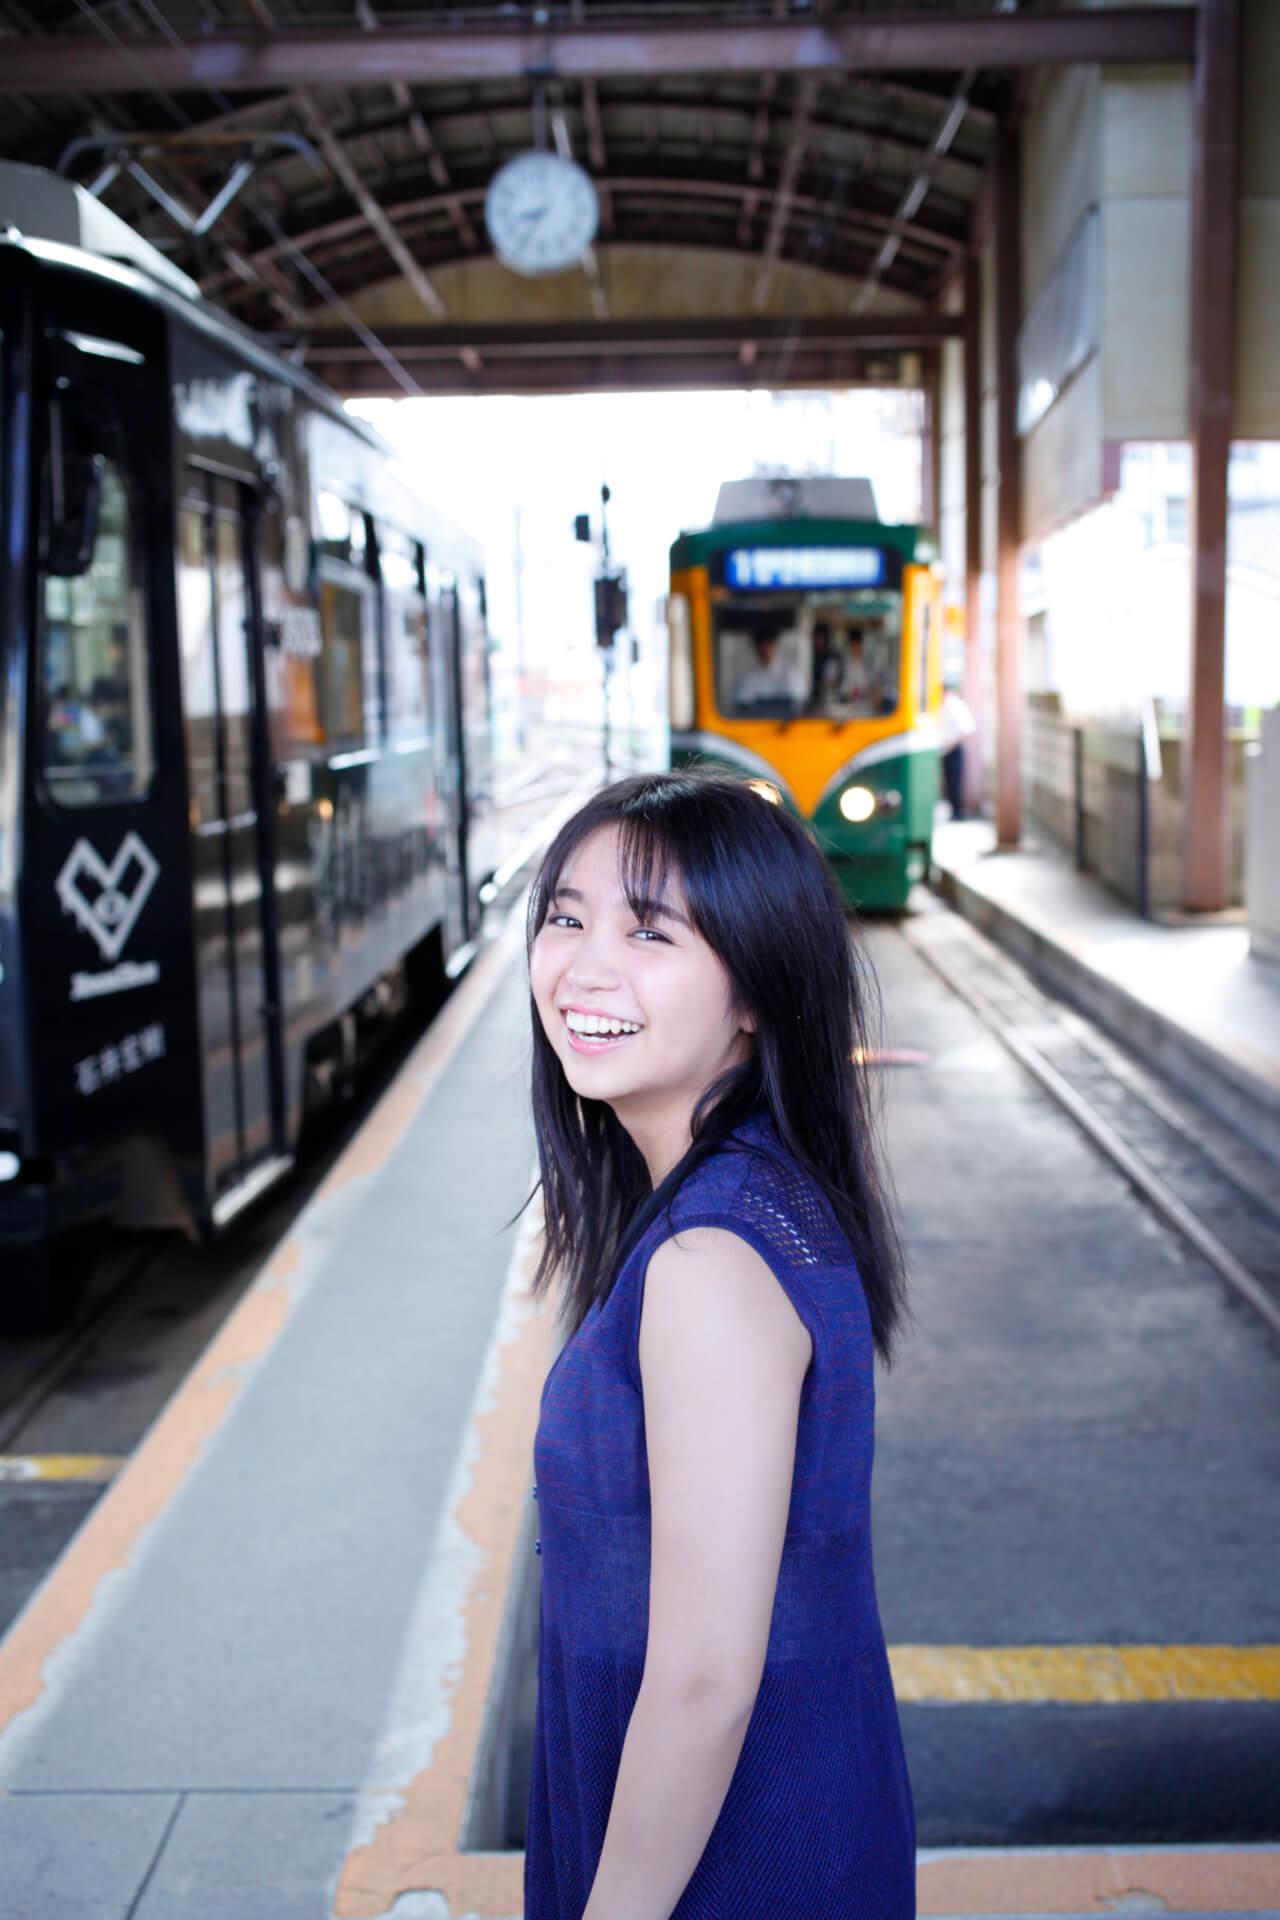 グラビア界No.1との呼び声高い大原優乃、2nd写真集のタイトルが「吐息」に決定!公式Twitter開設でキュートな笑顔を披露 art190909_oharayuno_1